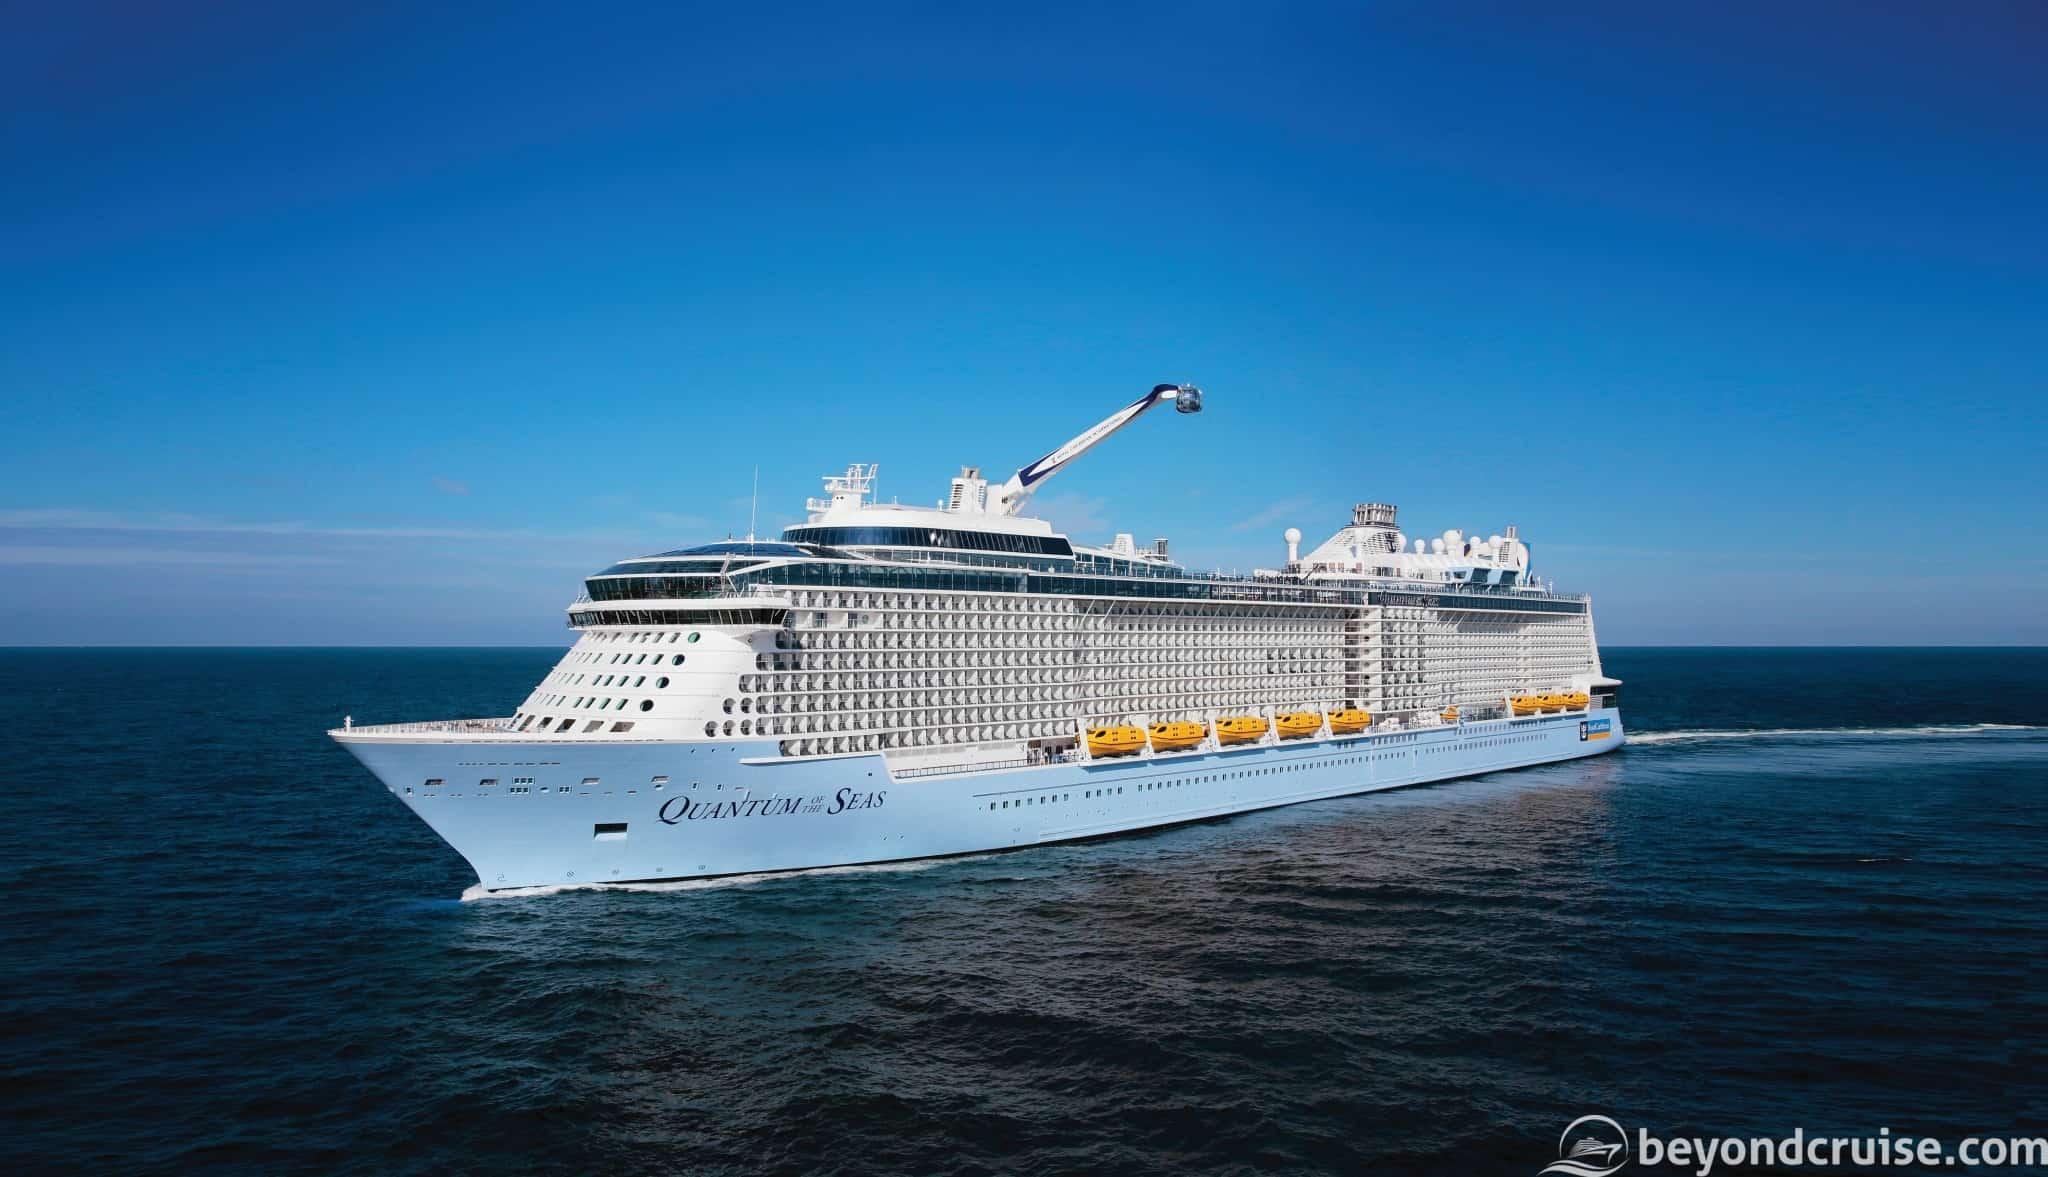 Royal Caribbean - Quantum of the Seas at sea